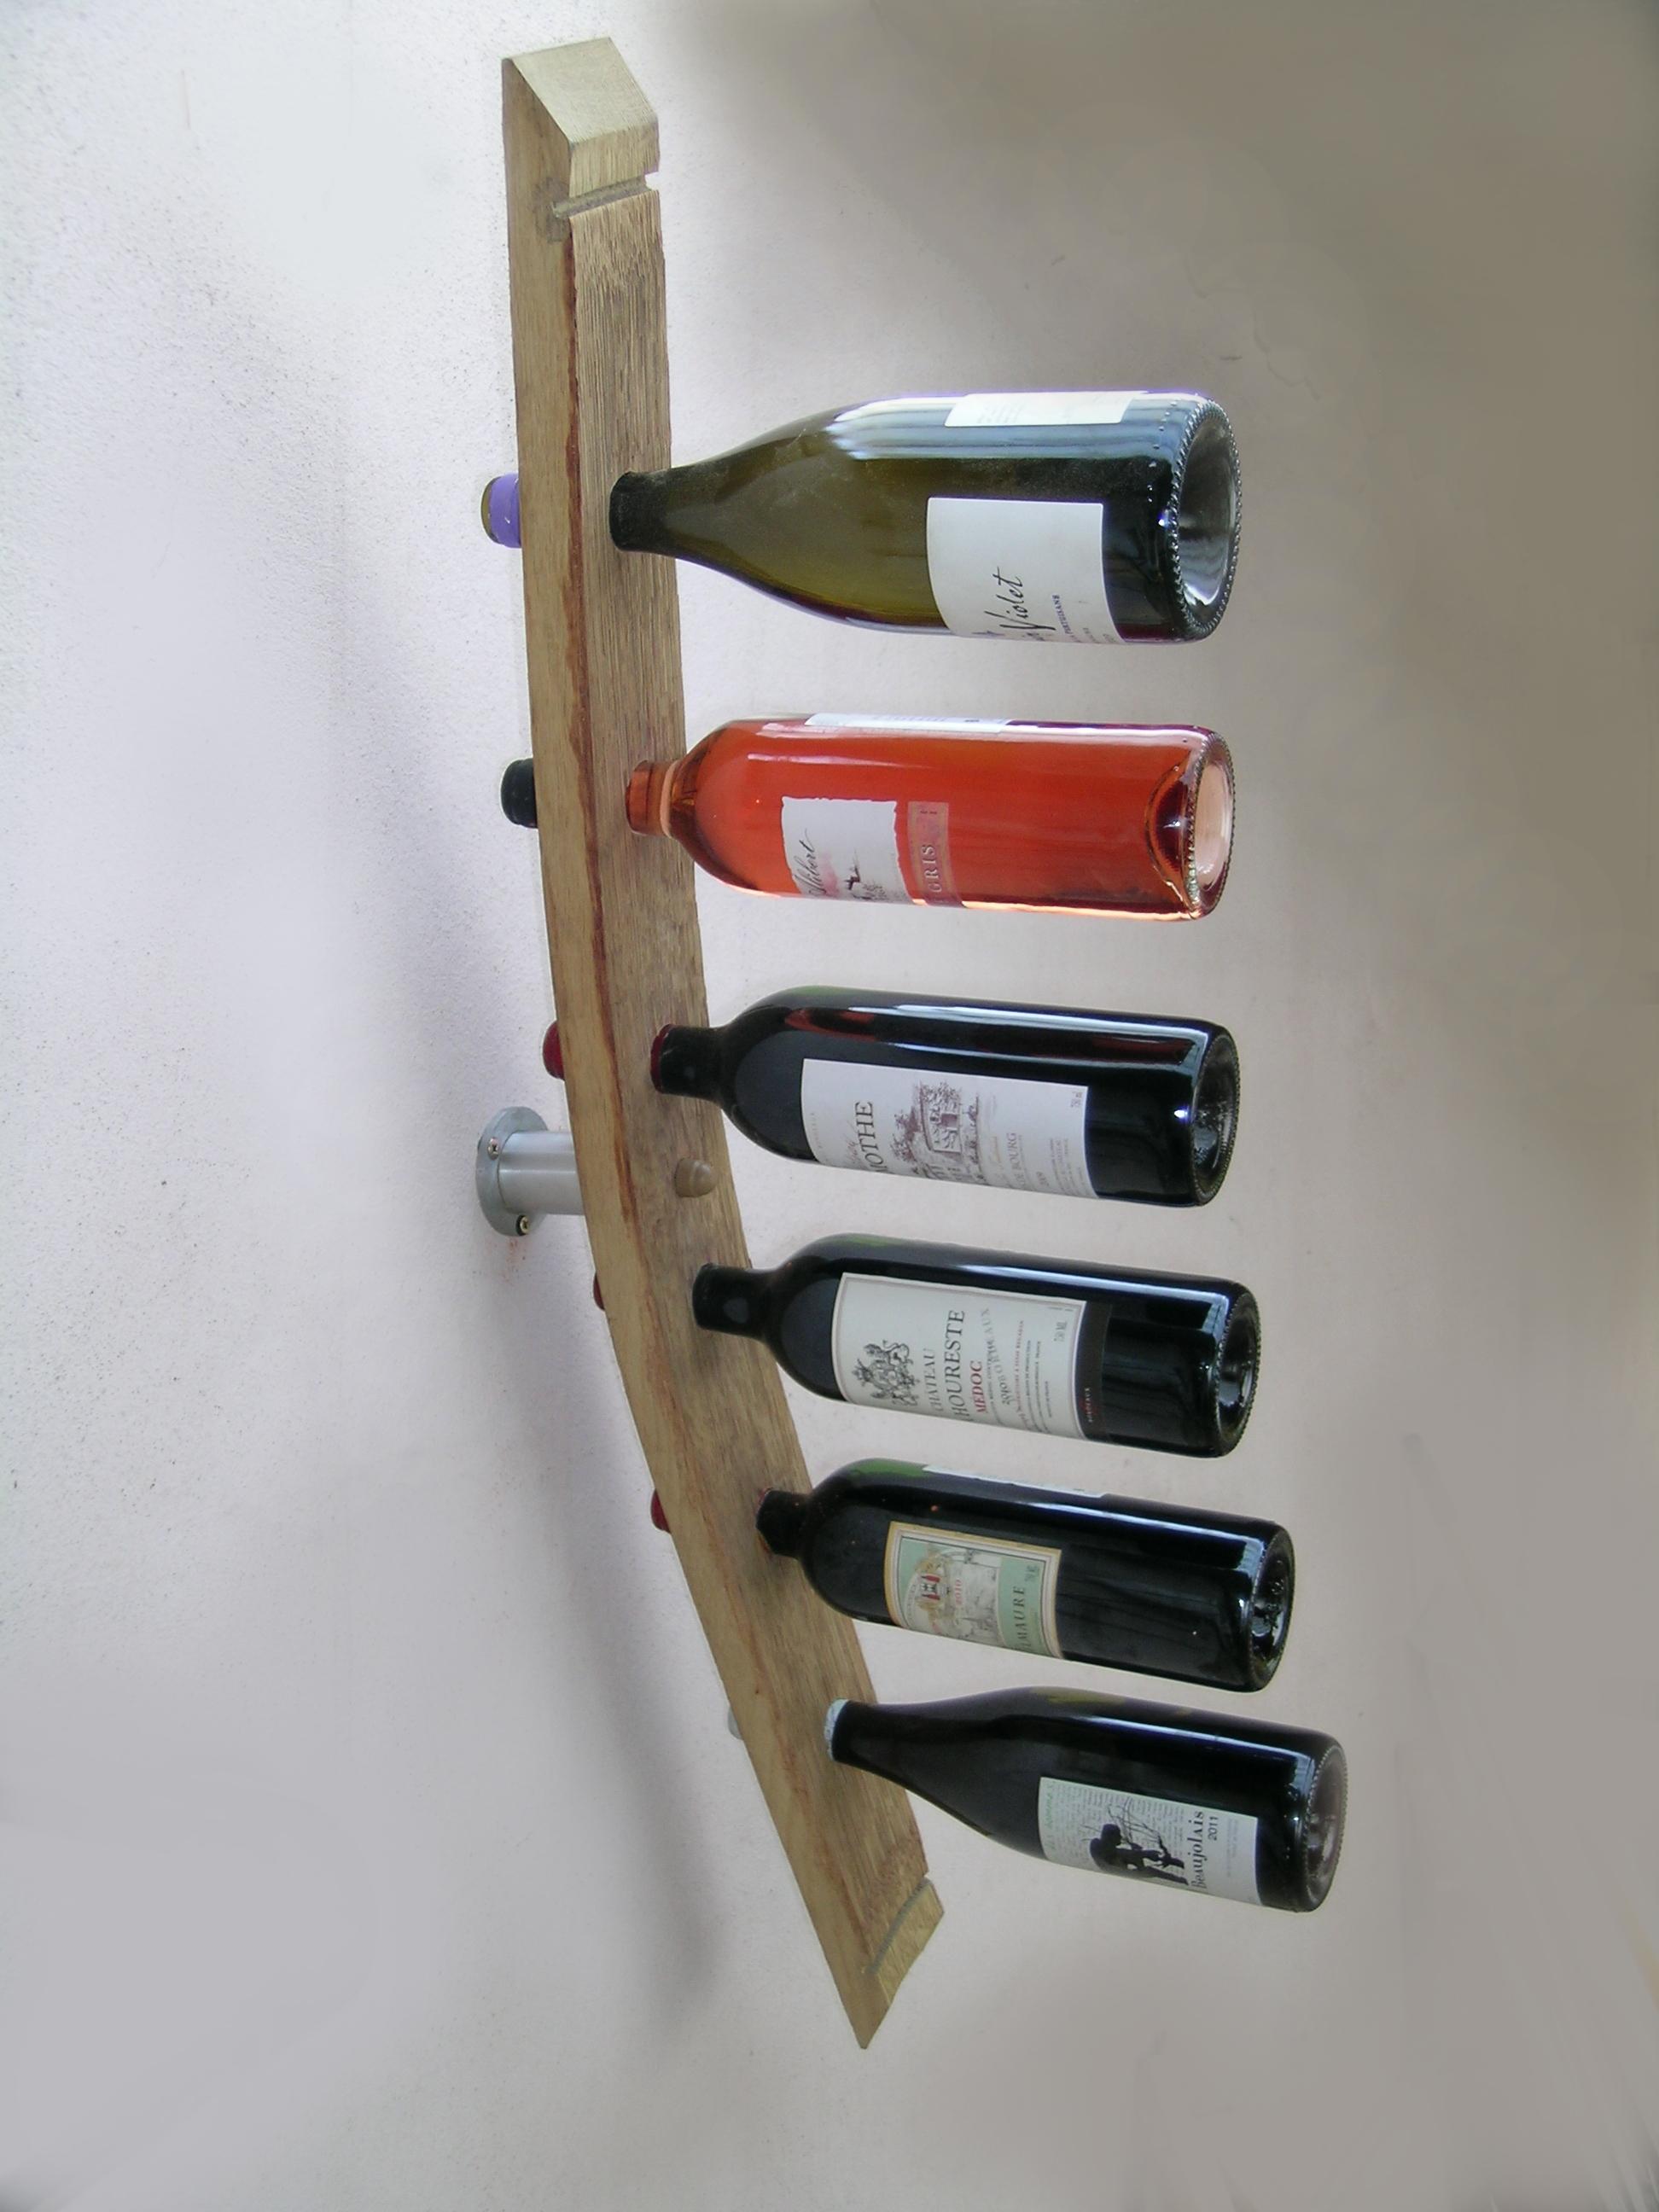 Douelledereve mobilier et objets des grands vins - Salon de jardin en tonneau ...